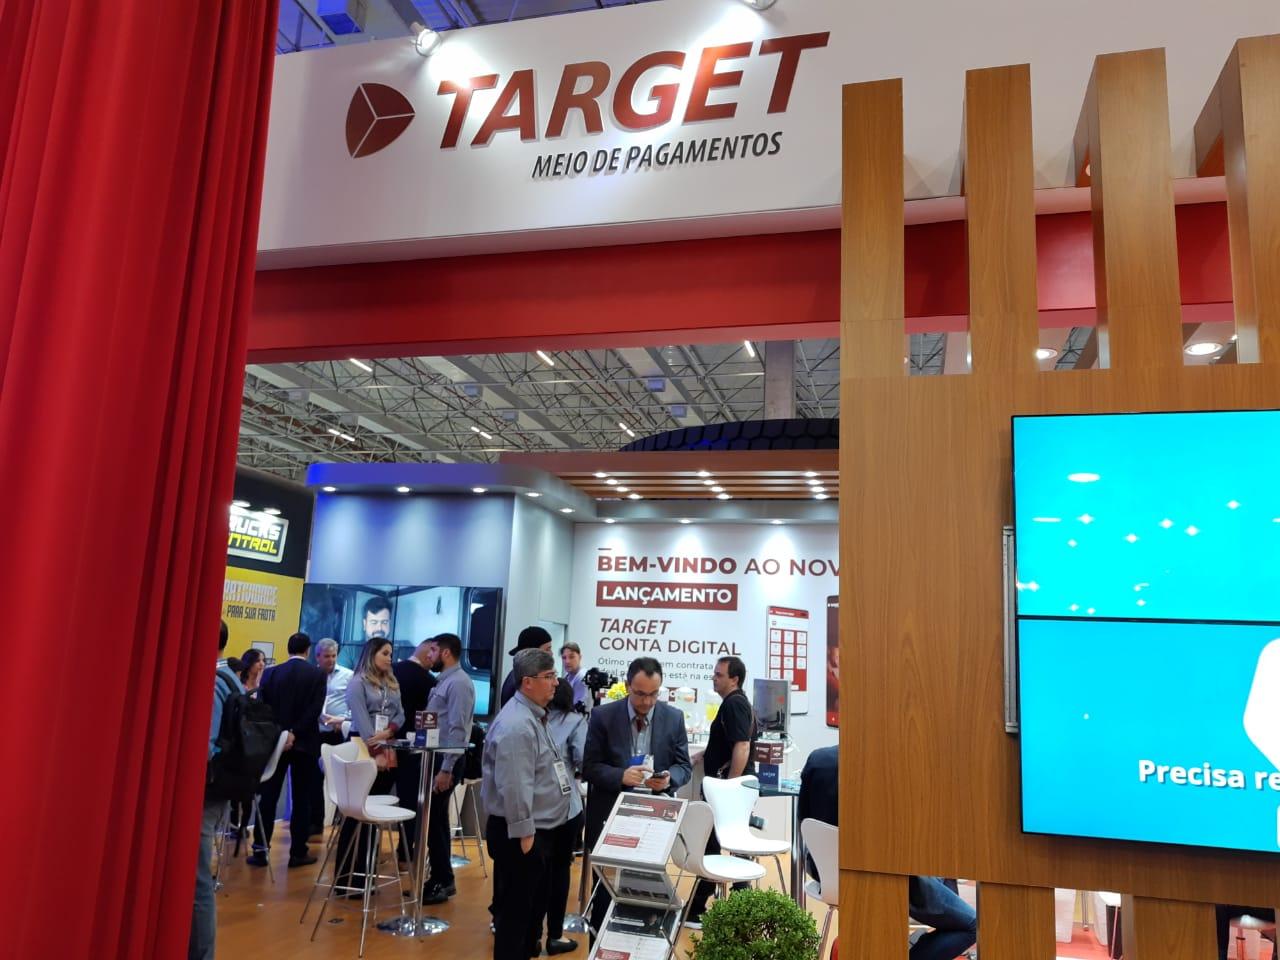 Target MP lança conta digital para caminhoneiros na Fenatran